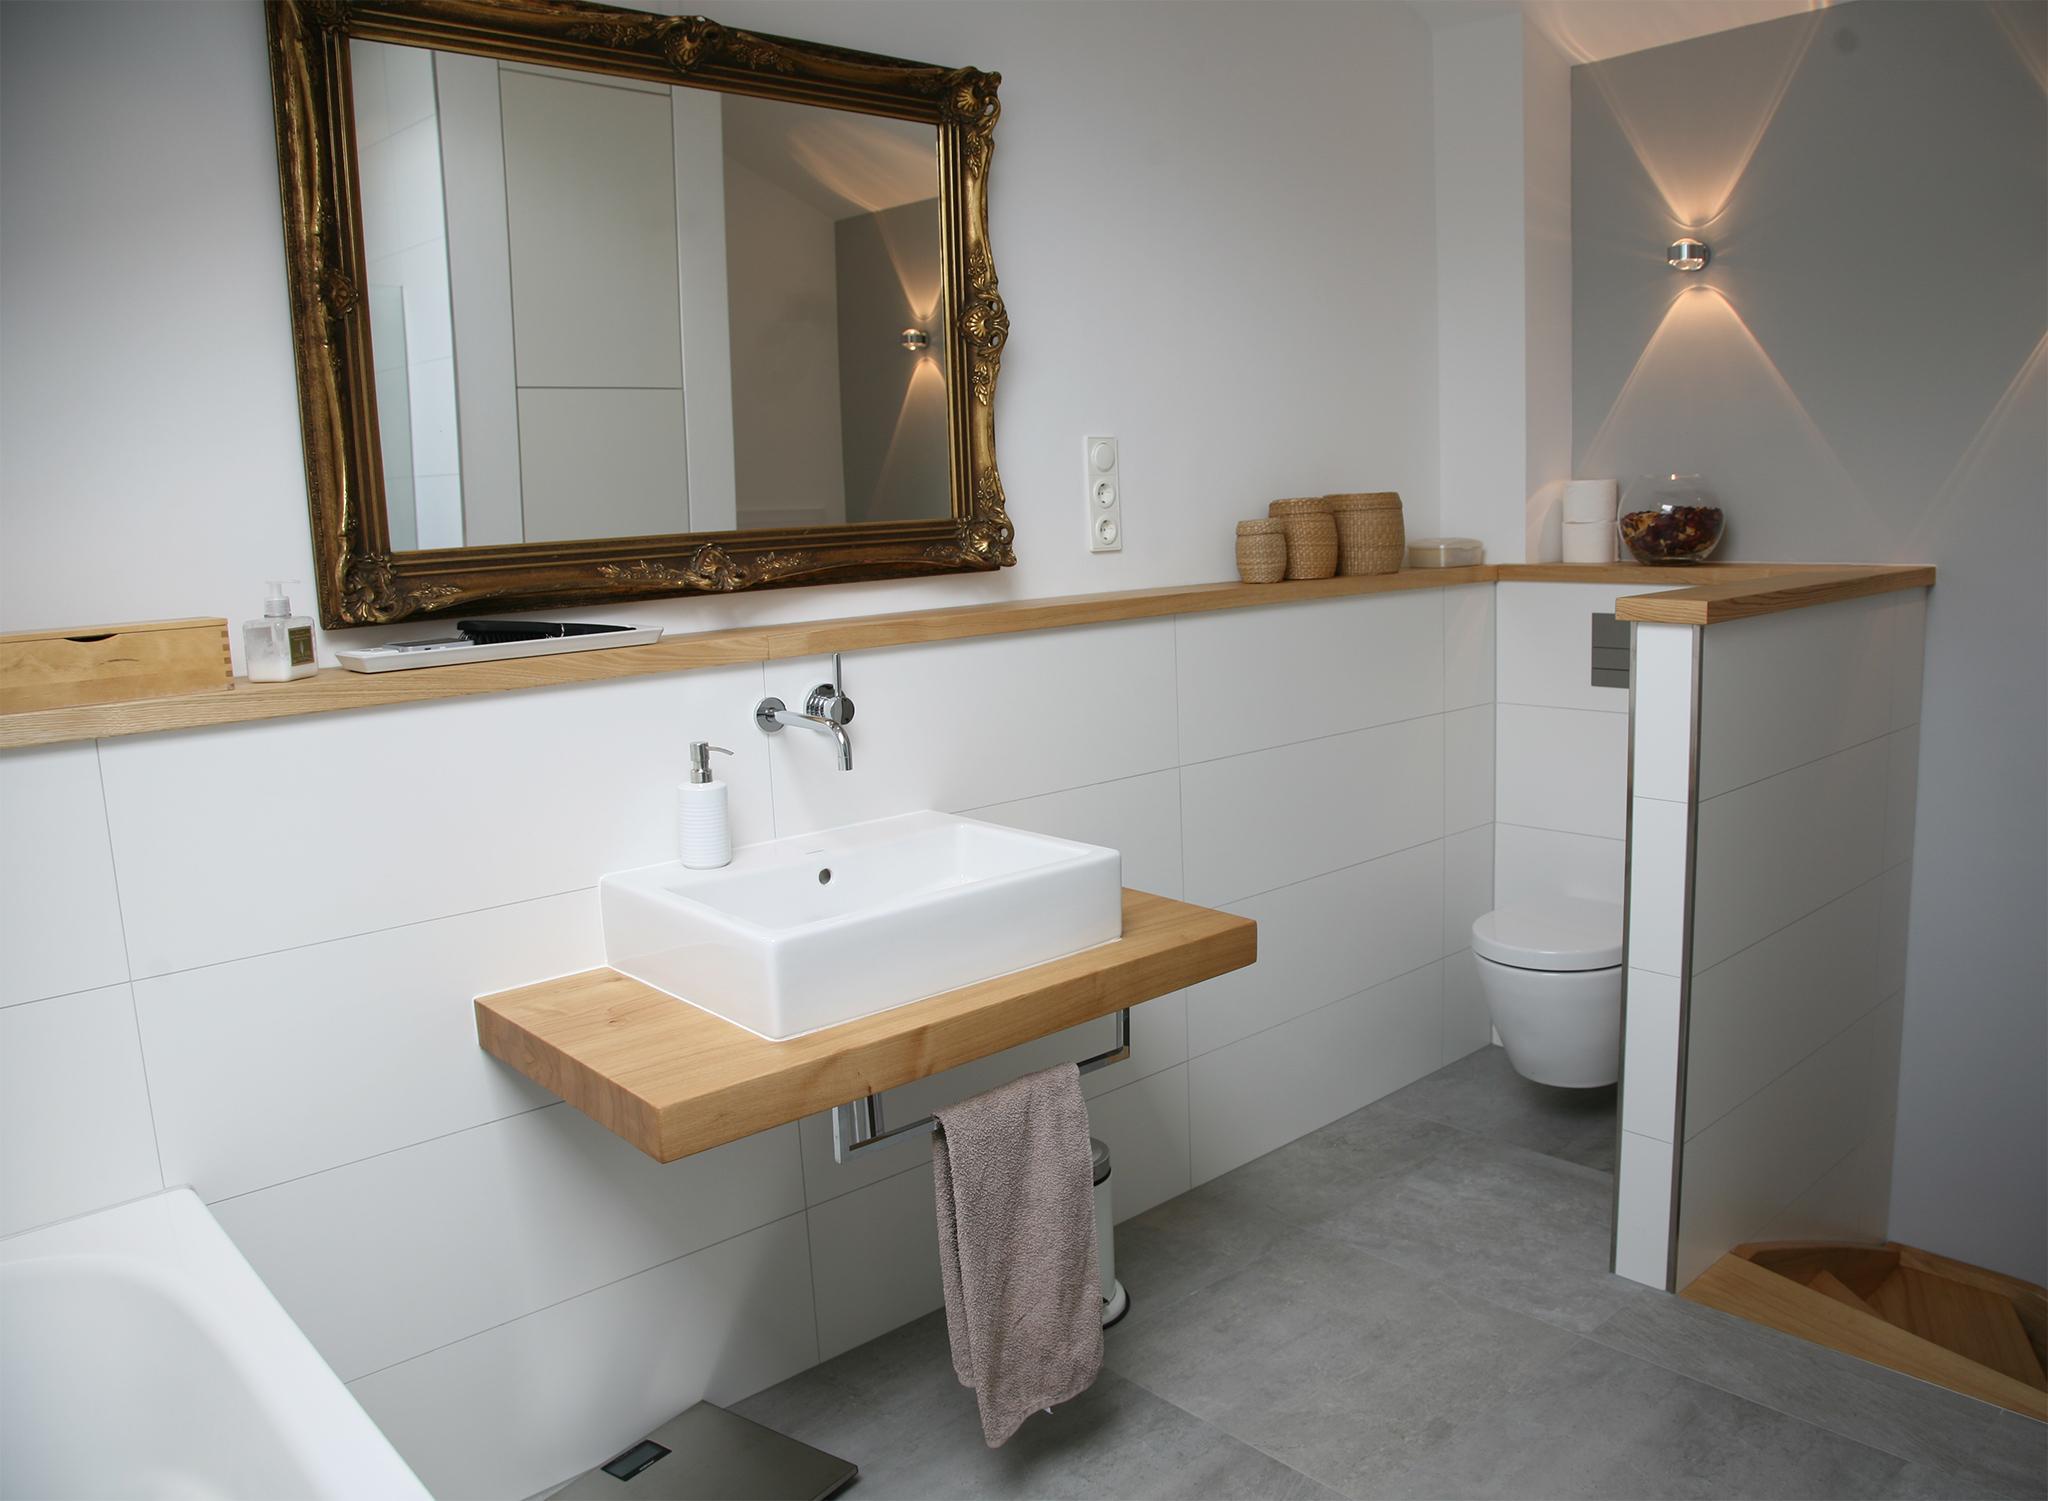 Das WC Verschwindet Hinter Einer Abmauerung #dachschräge #ebenerdigedusche  #offenesbadezimmer ©HEIMWOHL GmbH